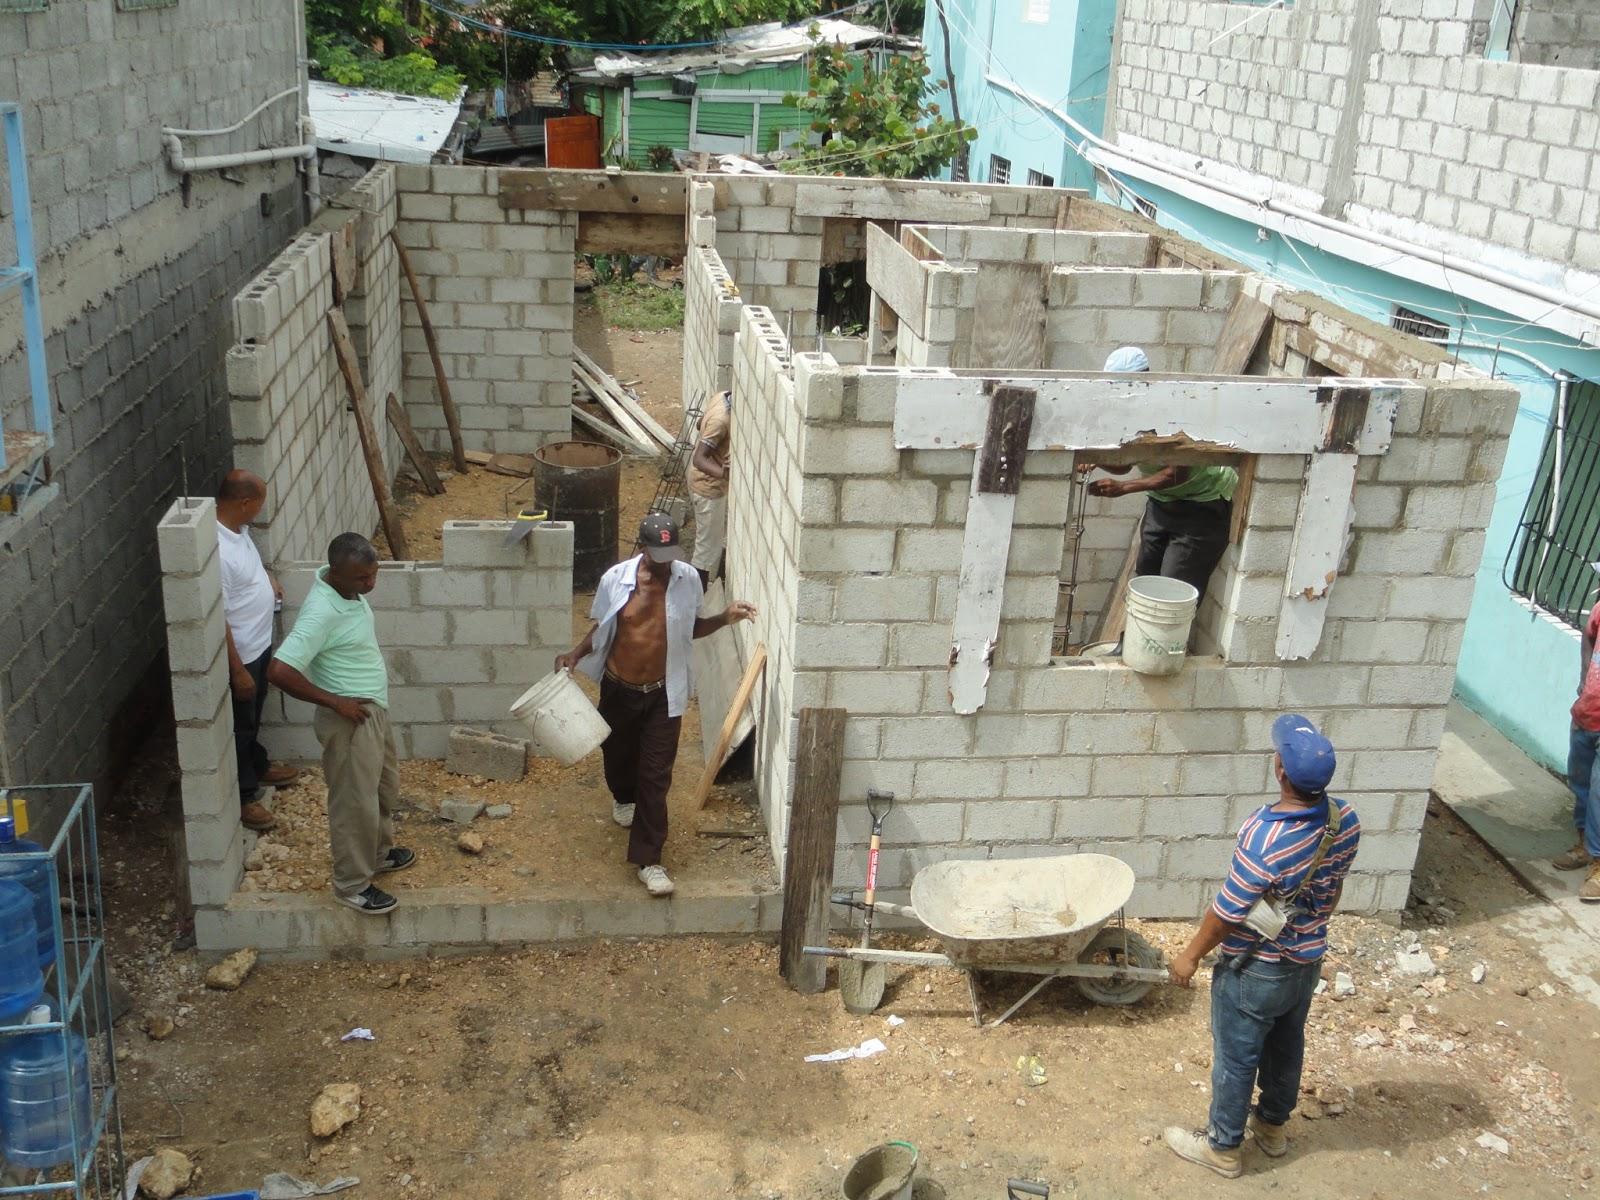 Gobernacion s p m avansan los trabajos de la construccion de la casa en la punta de pescadores - Construccion de una casa ...